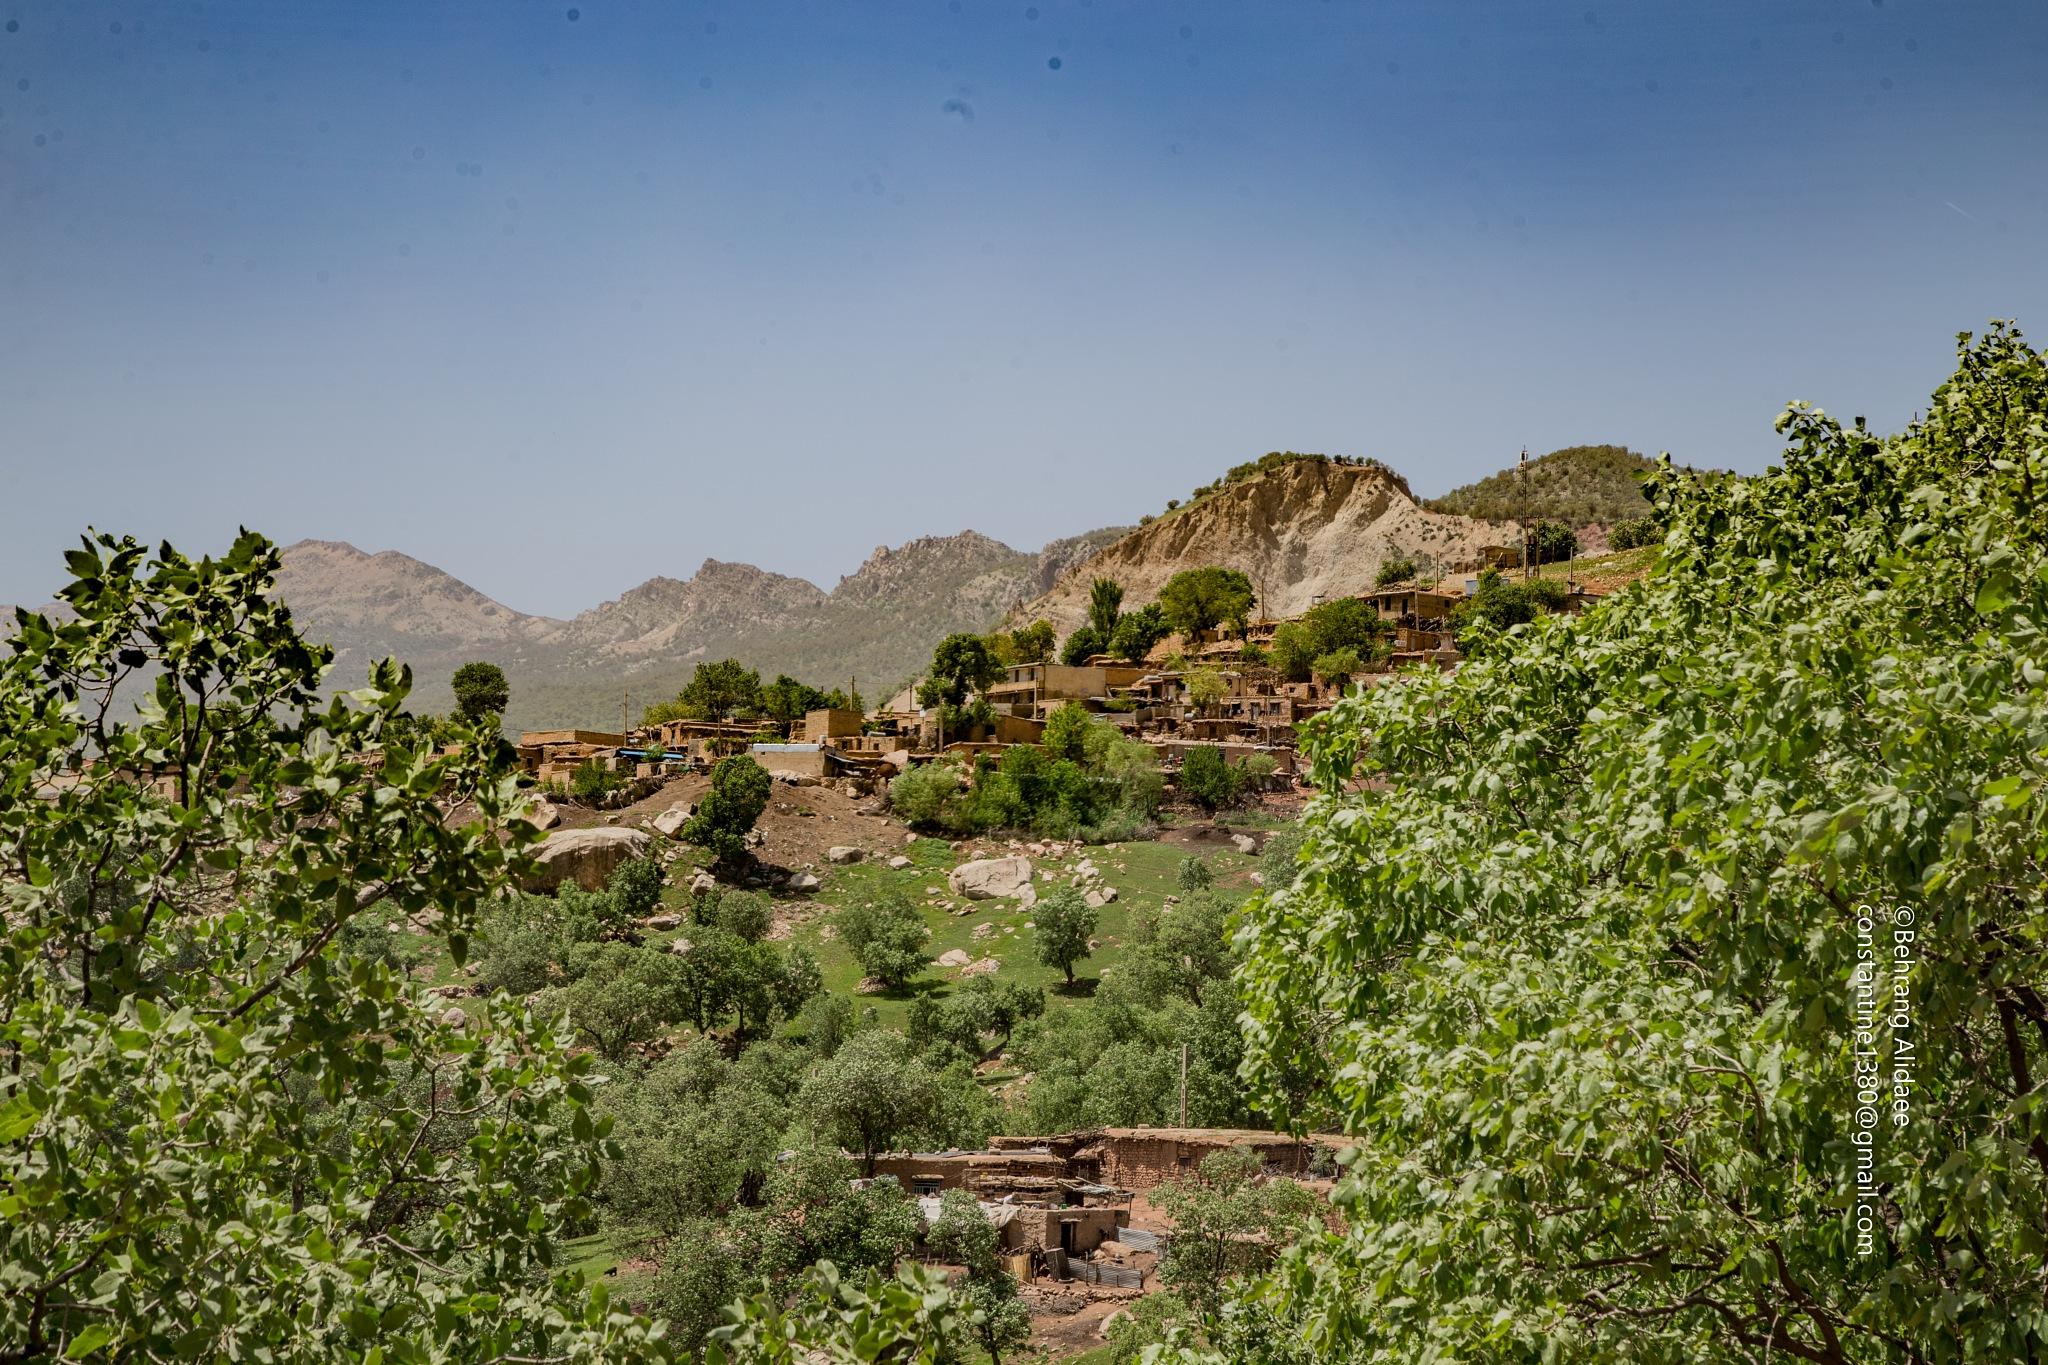 Village by Behrang Alidaee